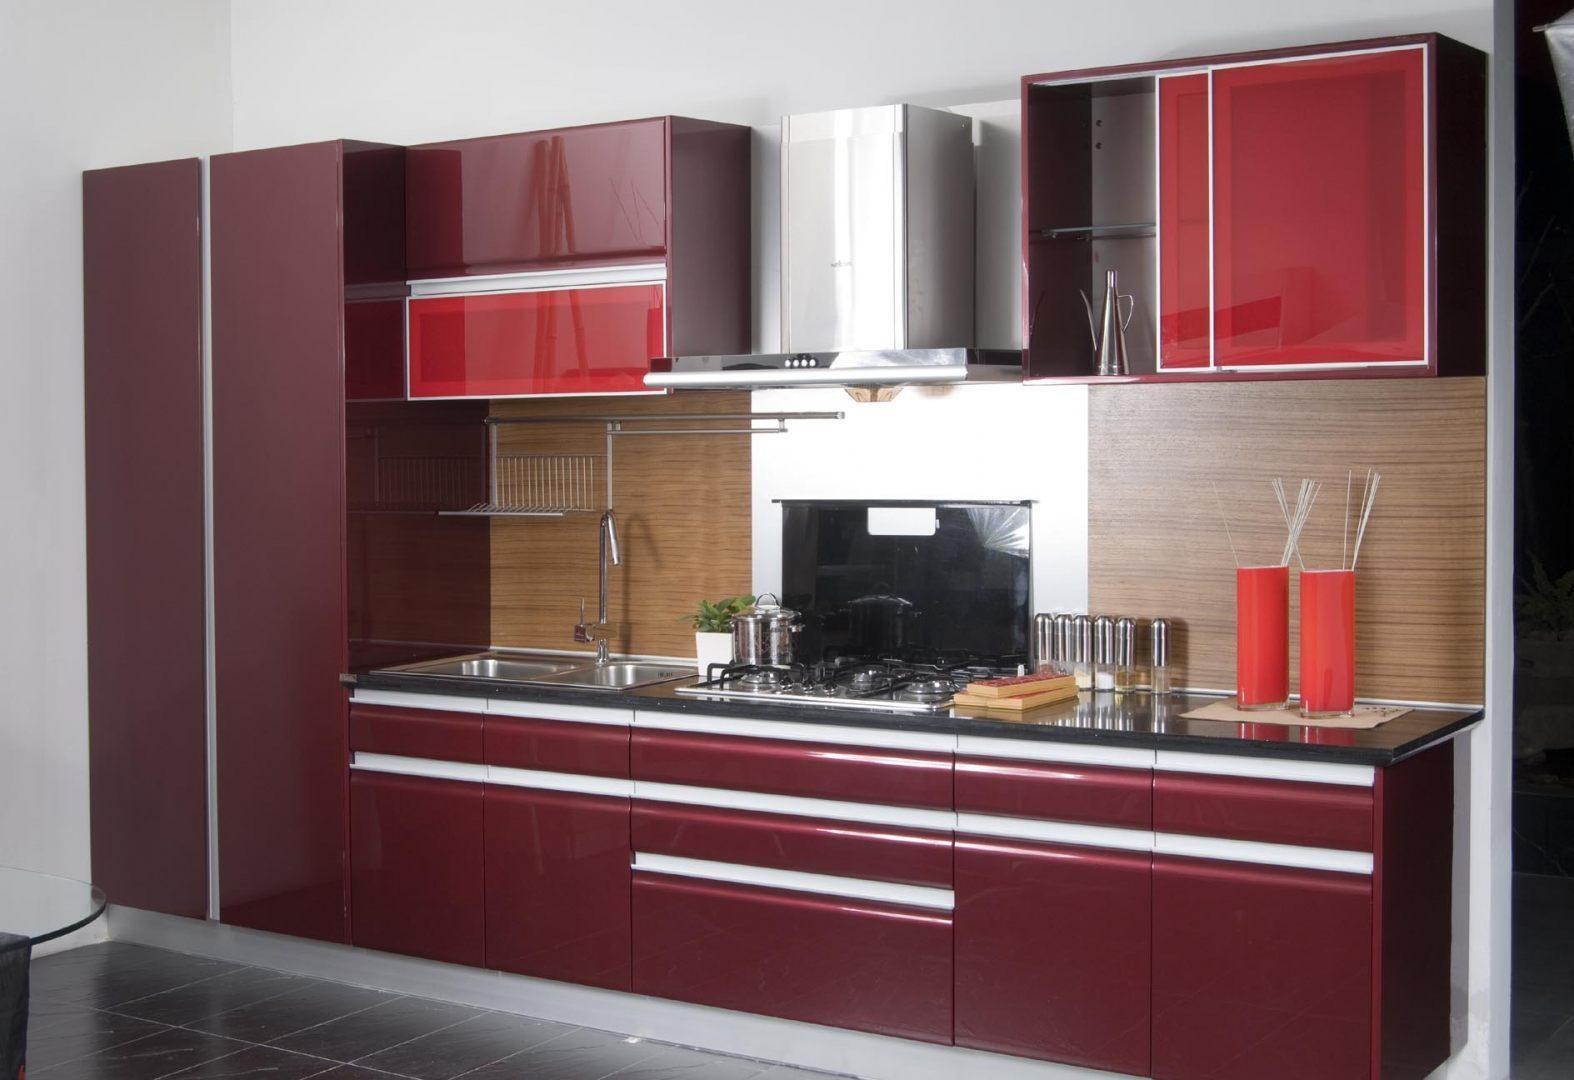 Muebles de cocina modernos im genes y fotos - Muebles de cocina merkamueble ...